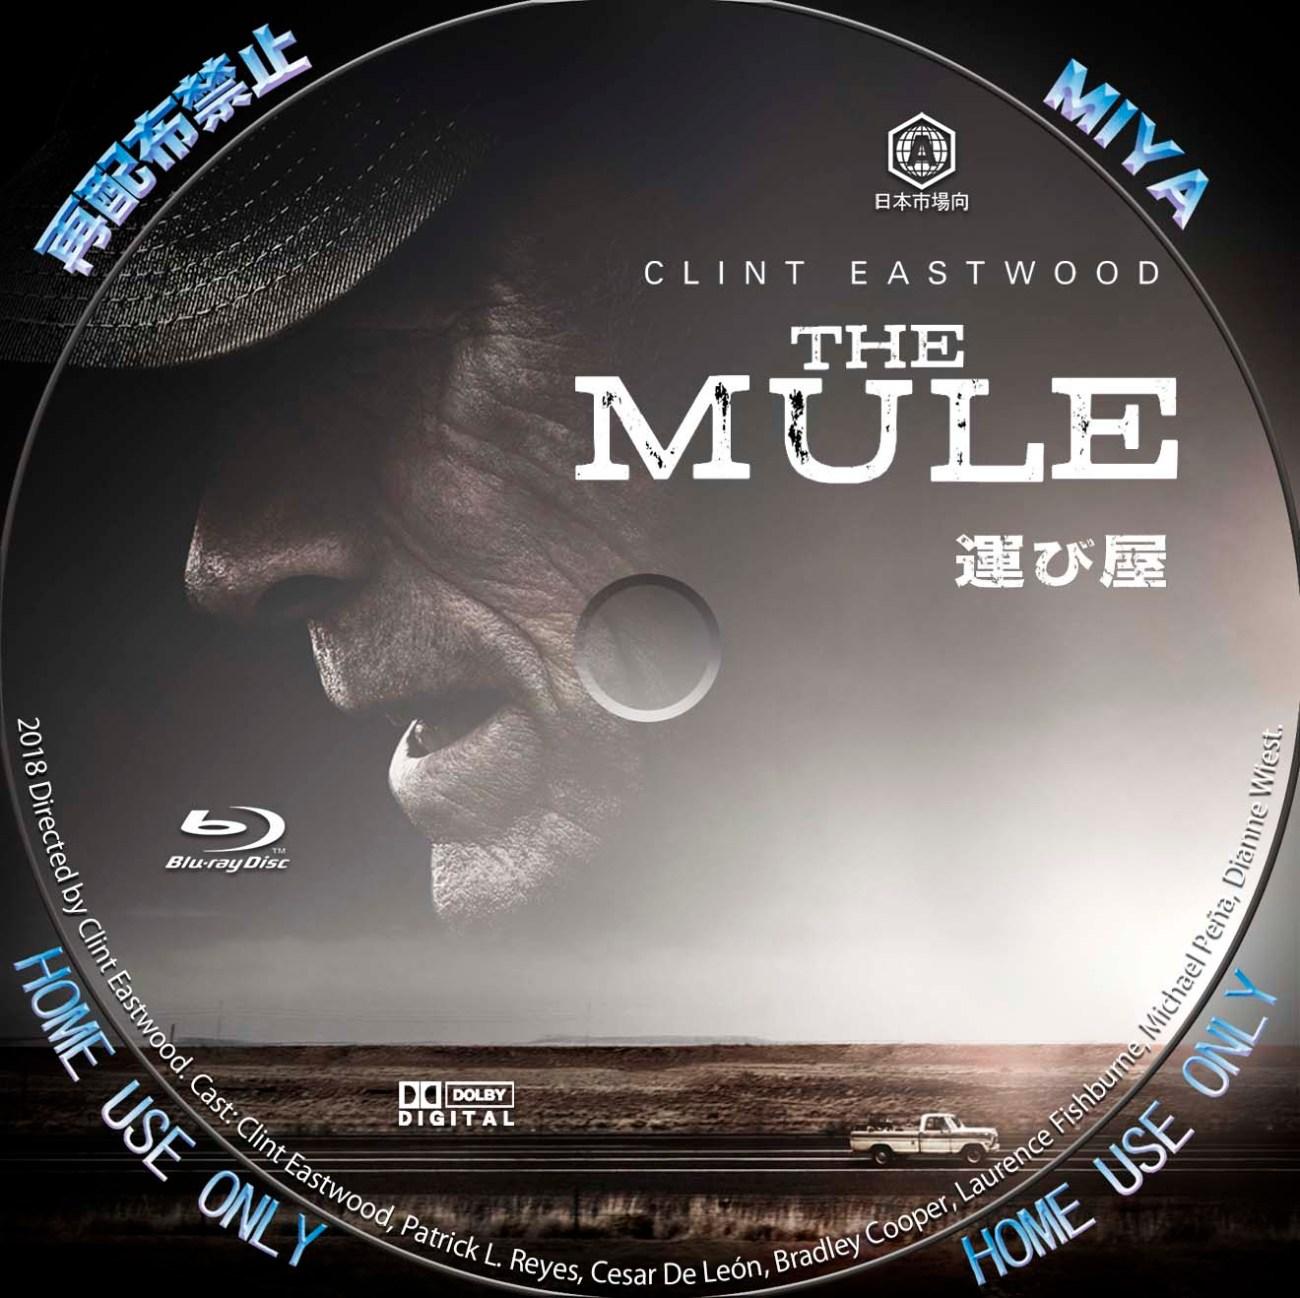 運び屋Blu-rayラベル